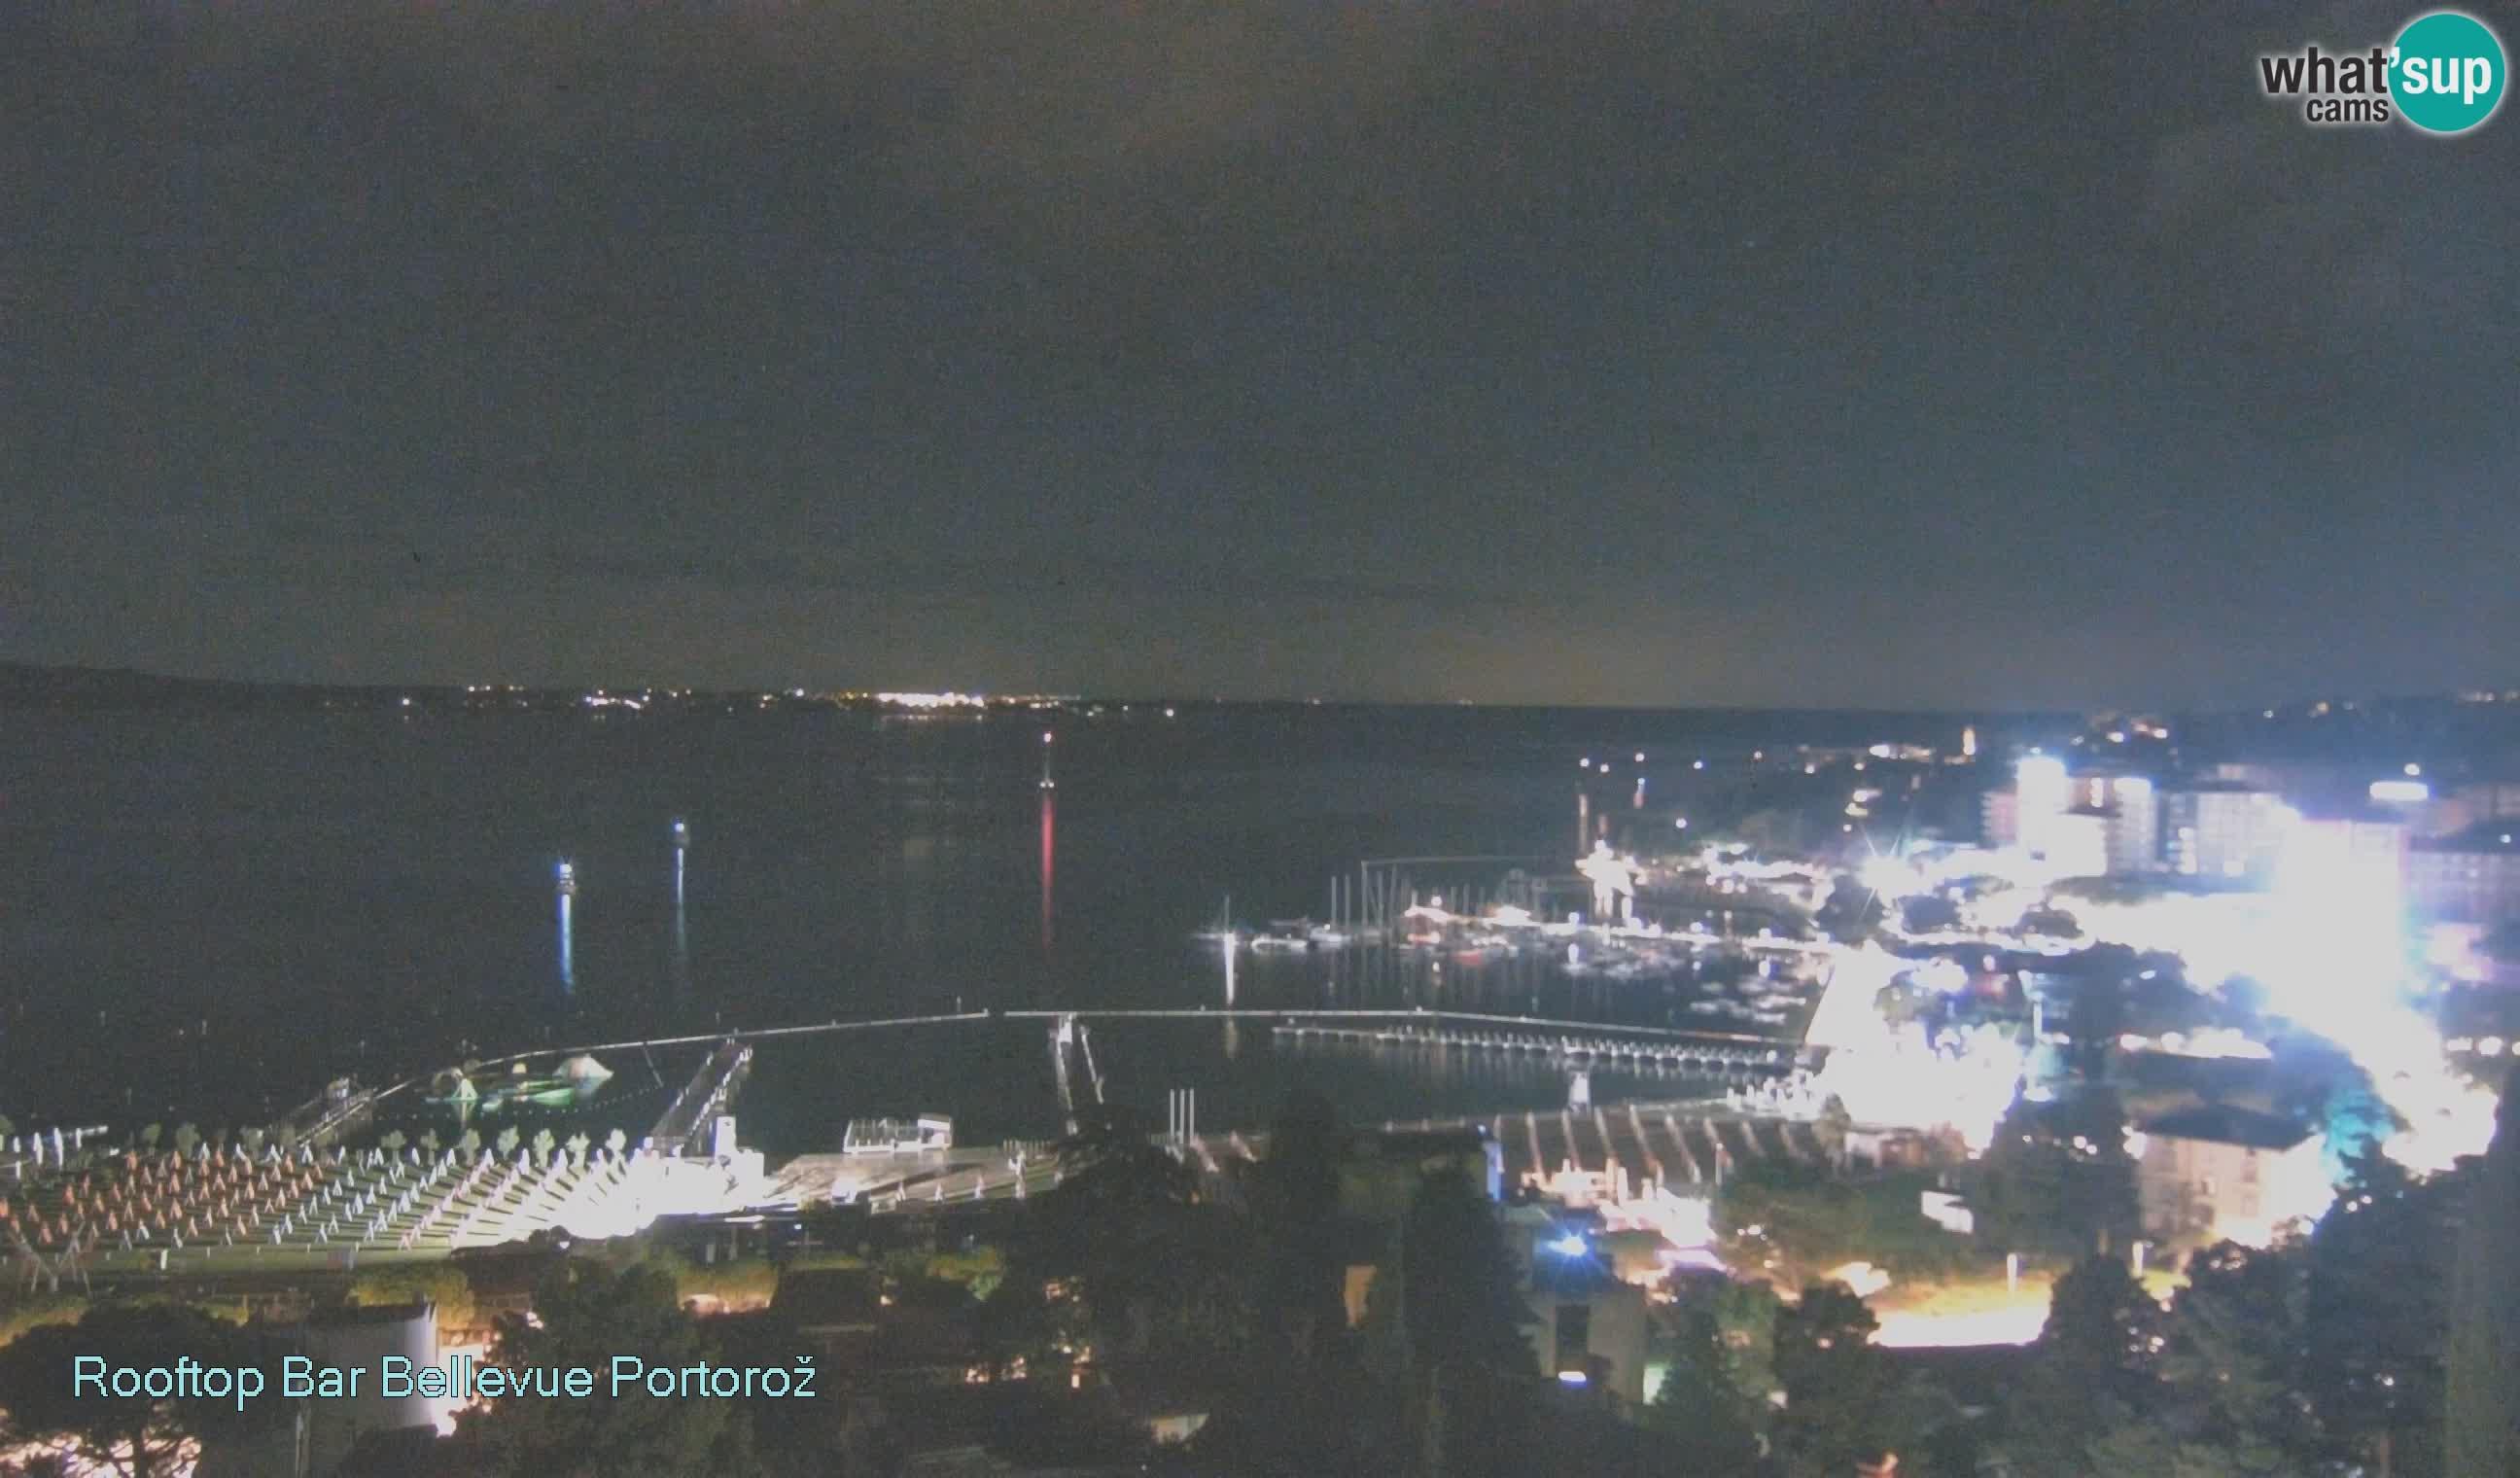 Portorož spletna kamera – pogled z Villa Bellevue